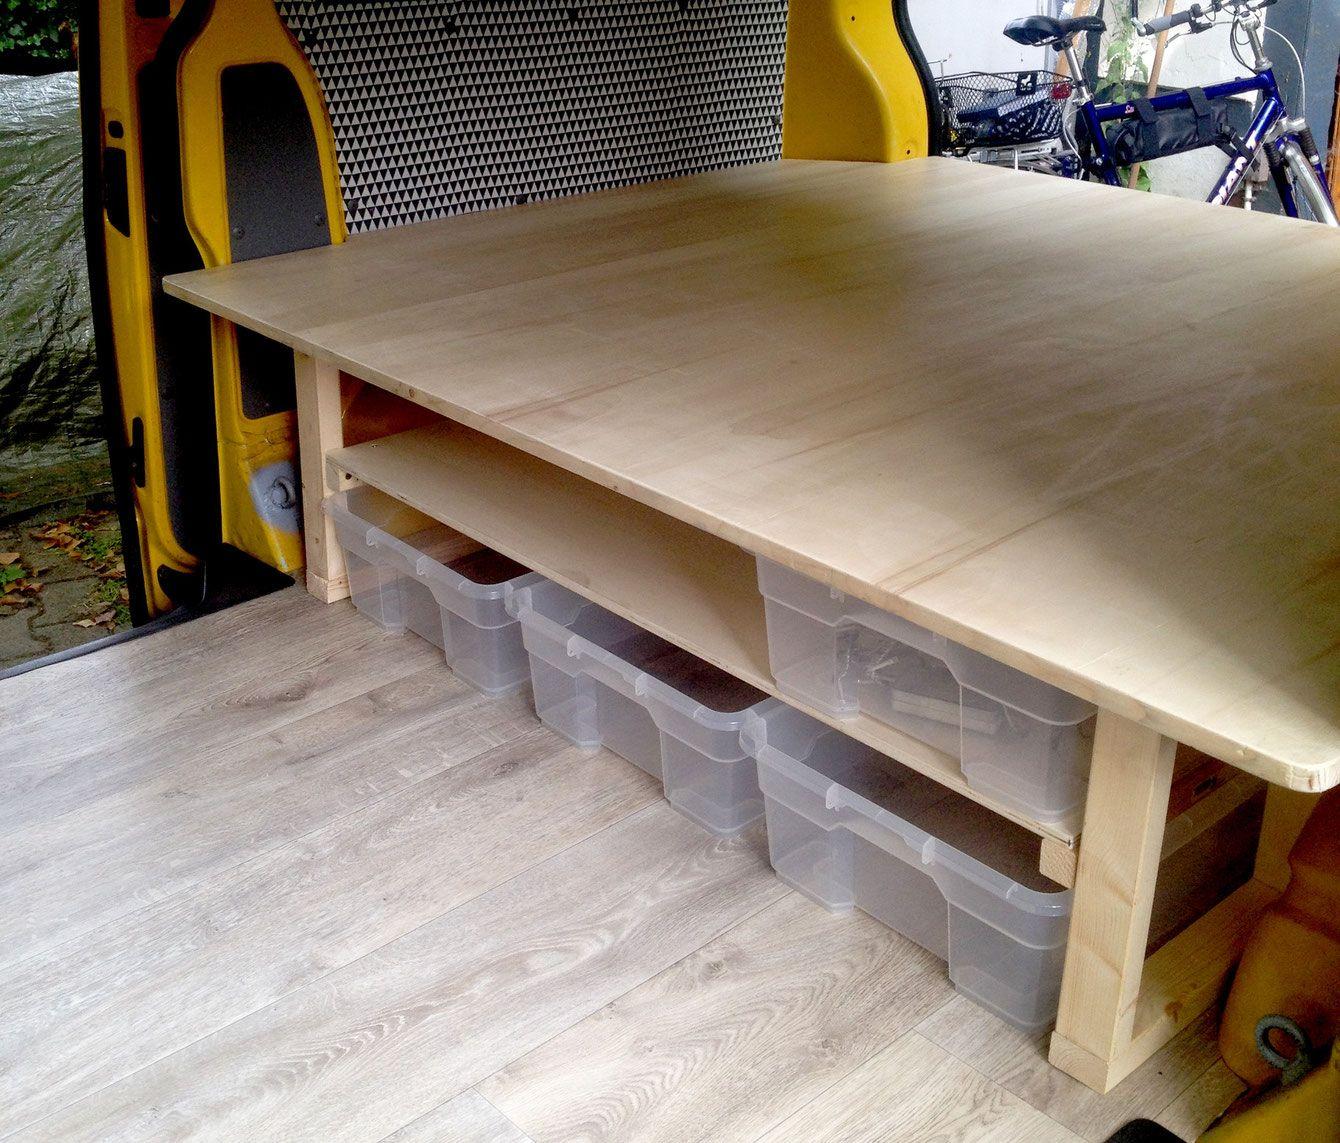 t5 ausbau bett von t5 innenausbau pinterest. Black Bedroom Furniture Sets. Home Design Ideas